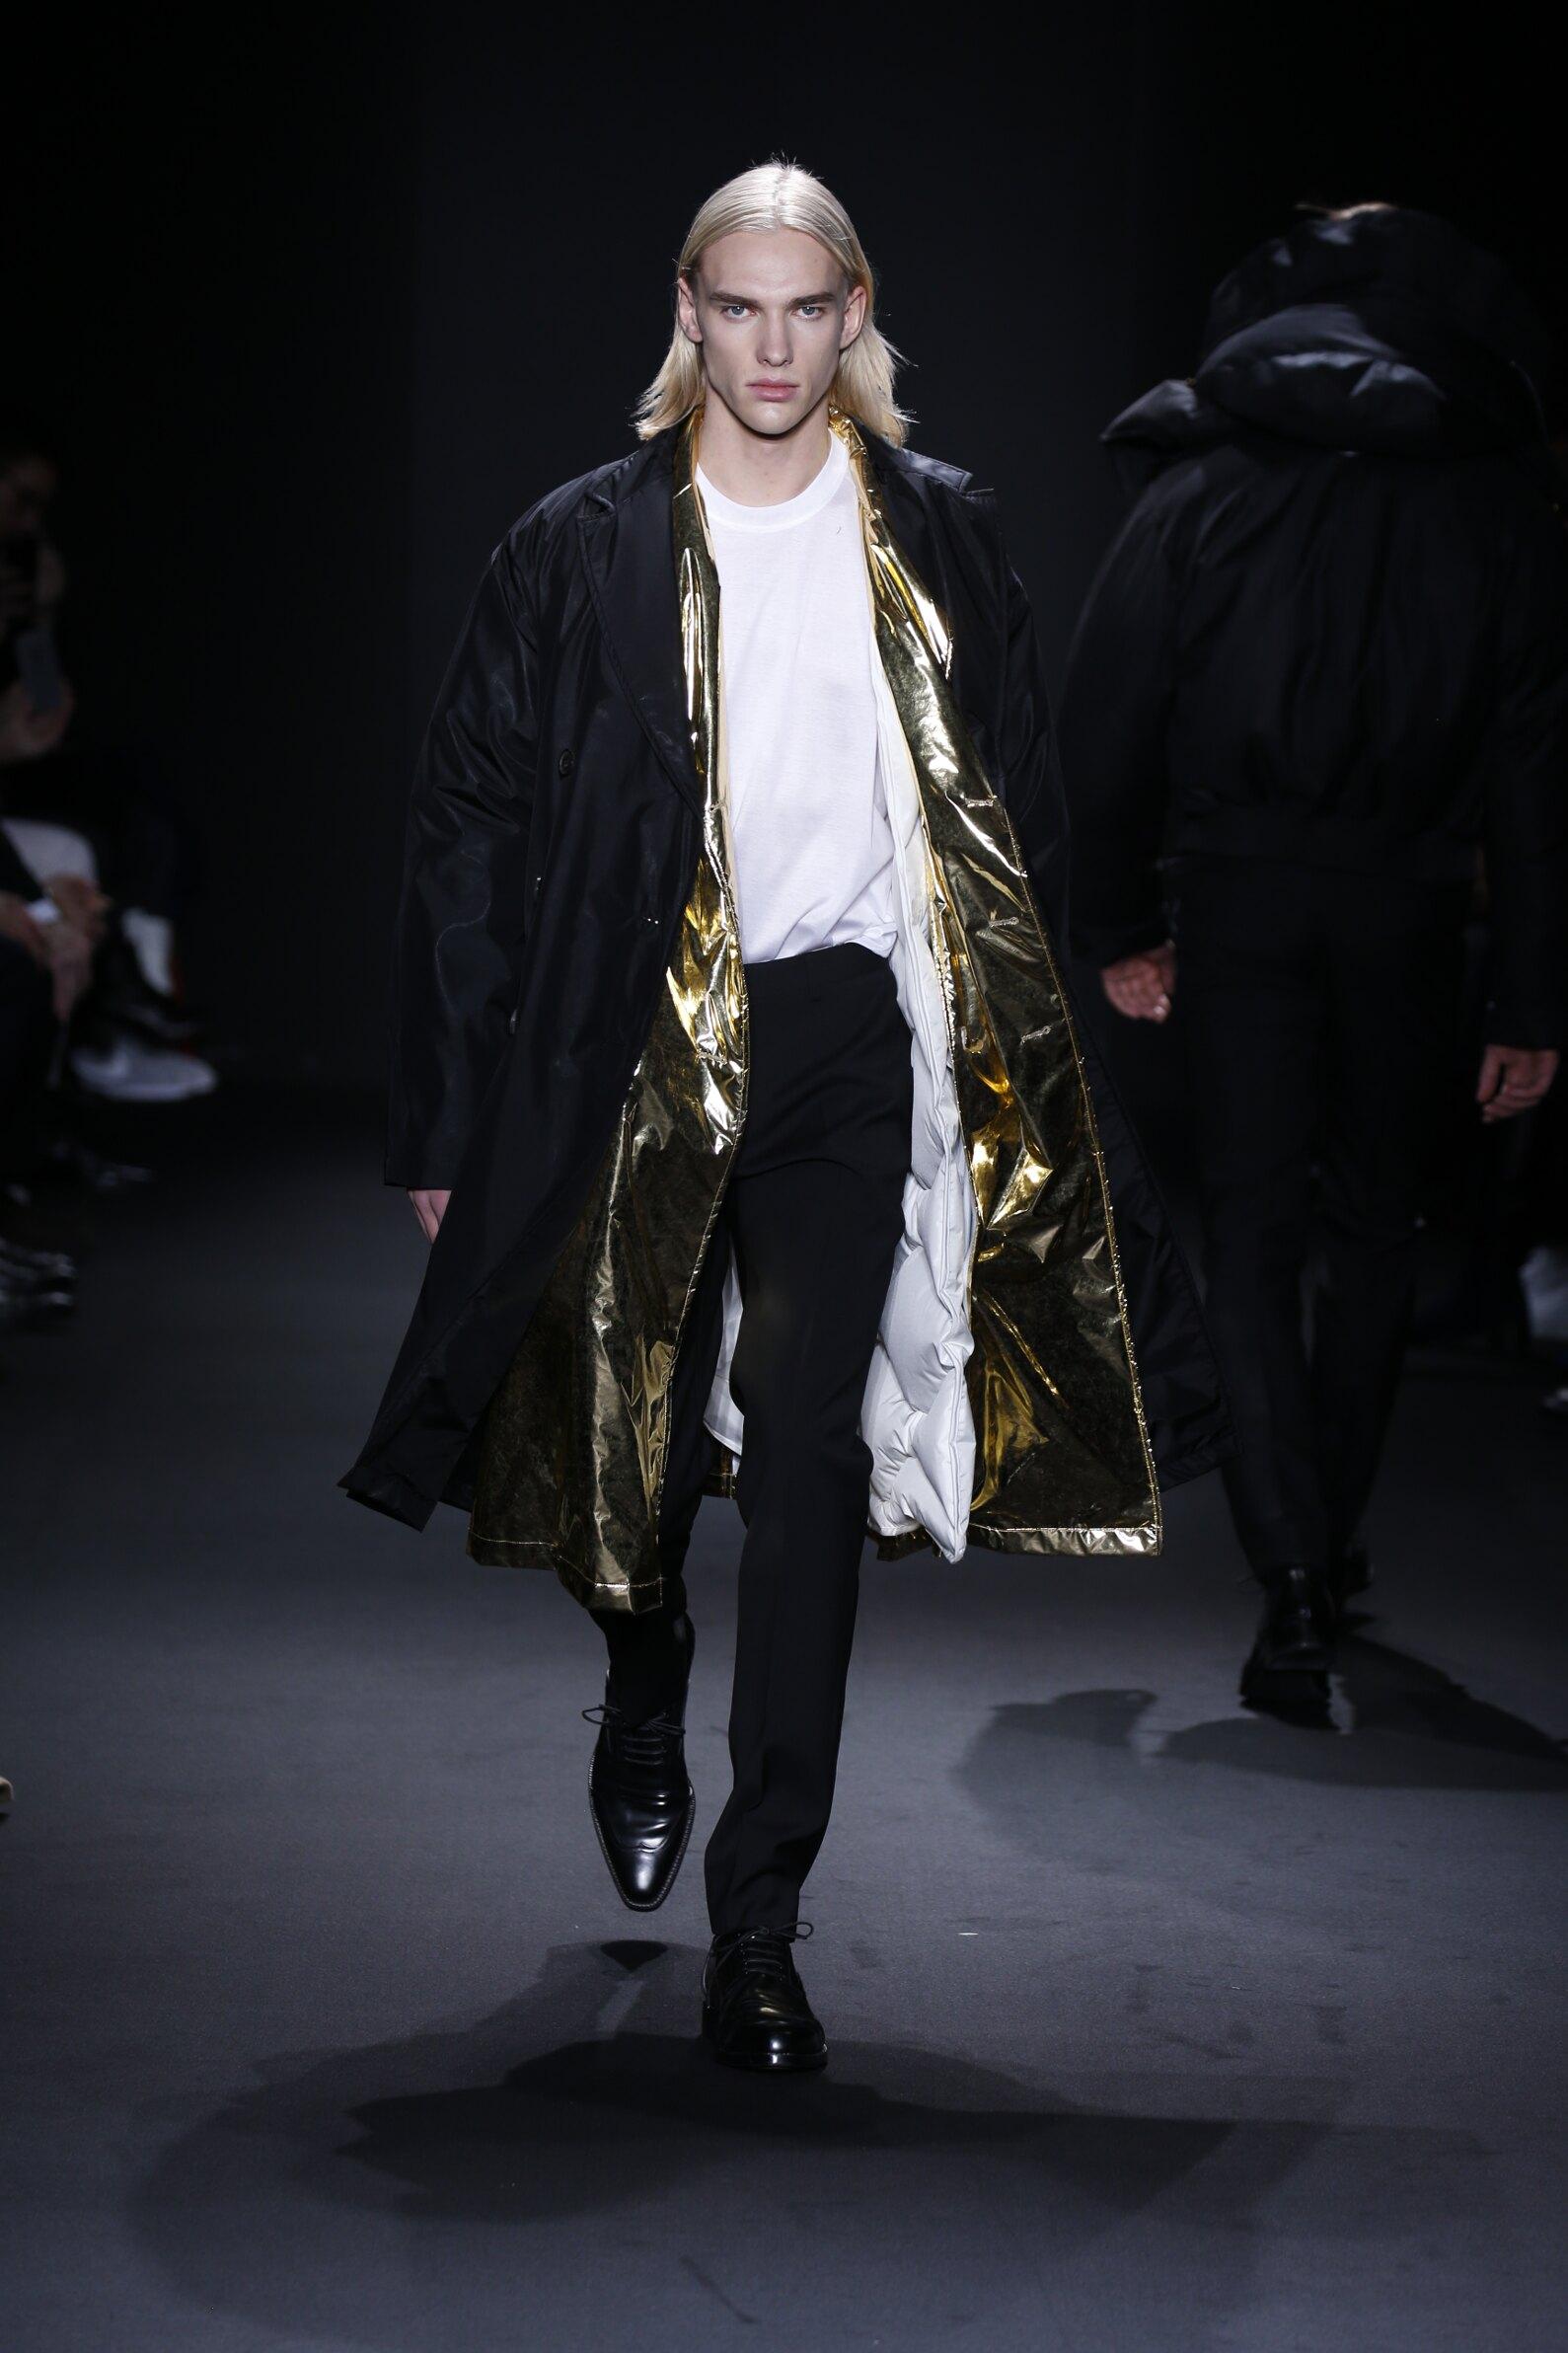 Catwalk Calvin Klein Collection Man Fashion Show Winter 2016